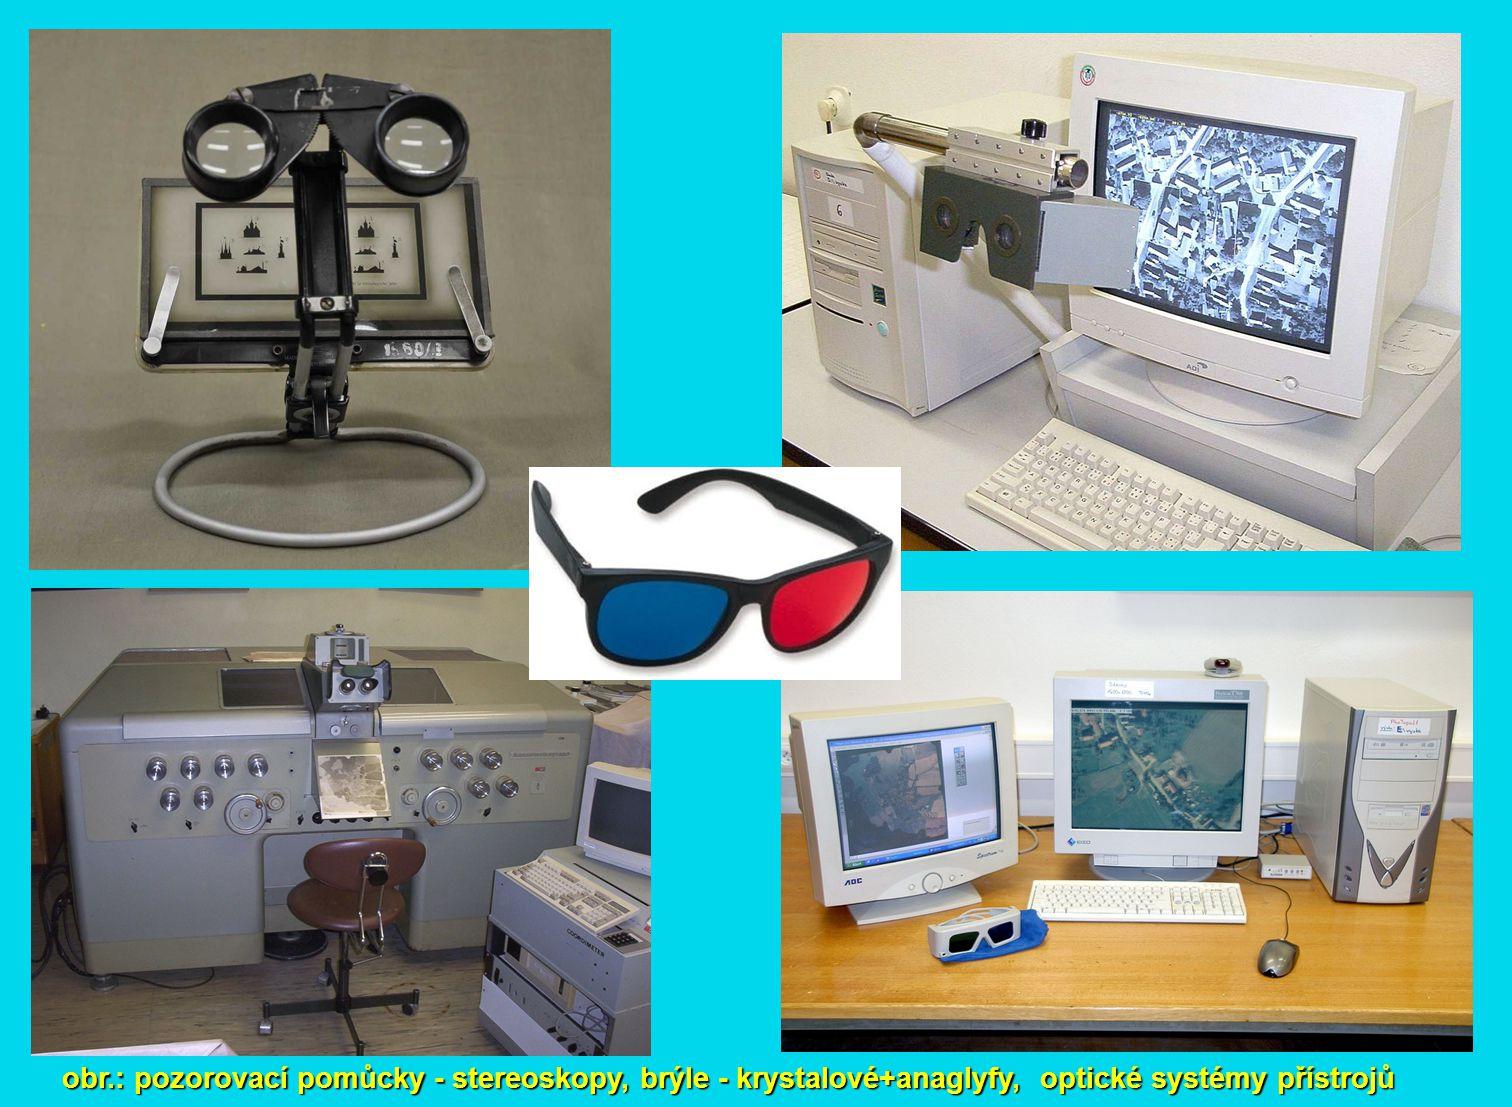 obr.: pozorovací pomůcky - stereoskopy, brýle - krystalové+anaglyfy, optické systémy přístrojů